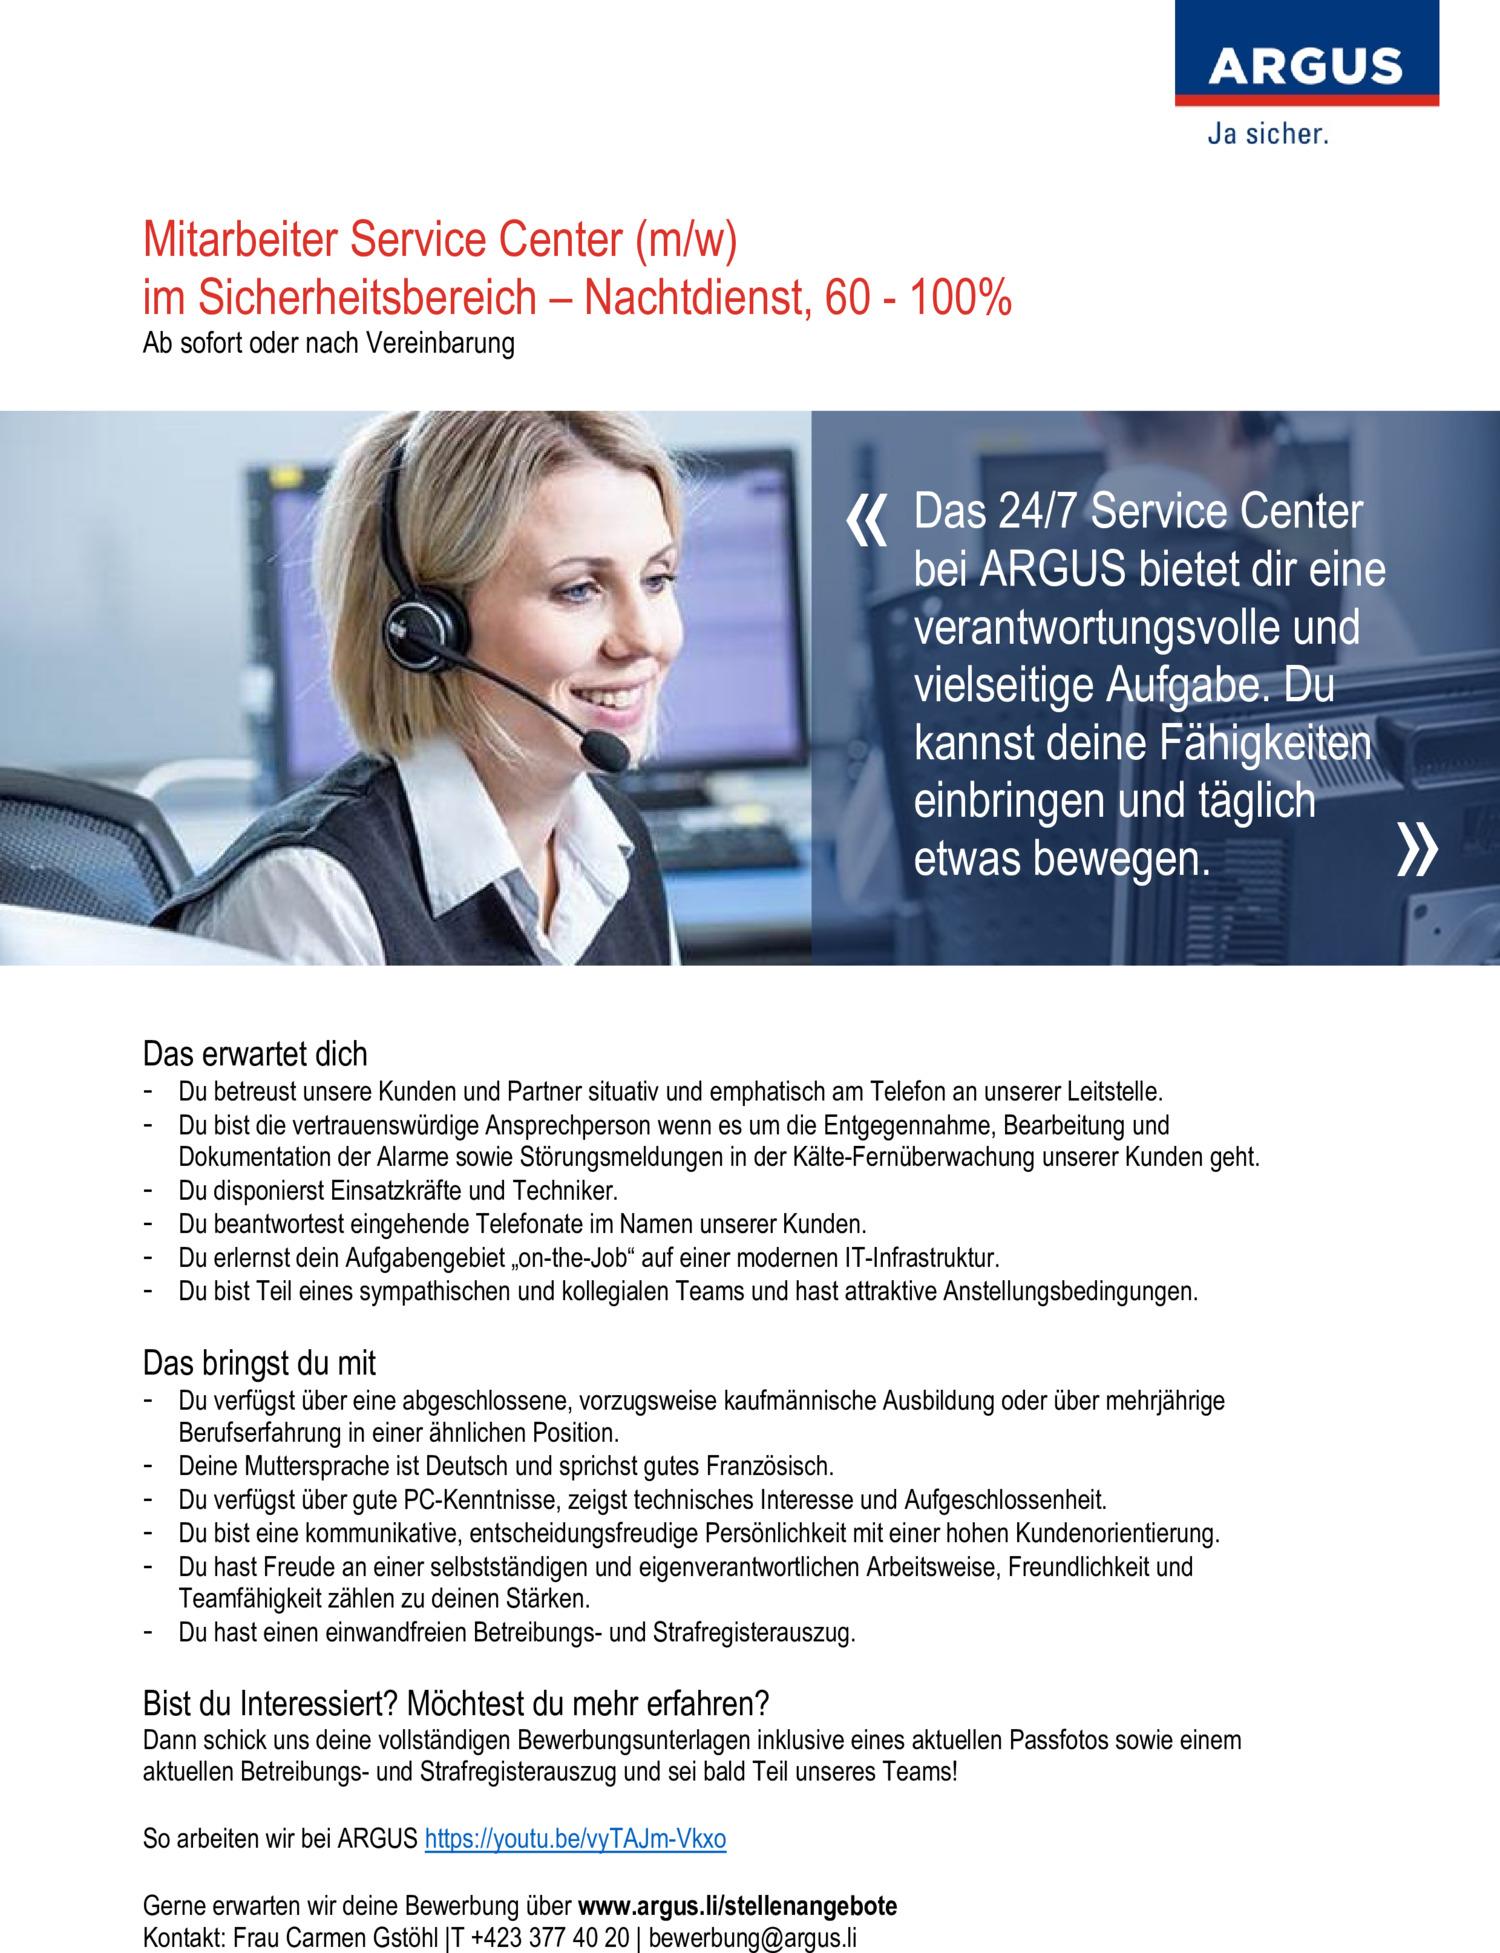 Inserat Mitarbeiter Service Center (m/w)  im Sicherheitsbereich - Nachtdienst, 60 - 100%